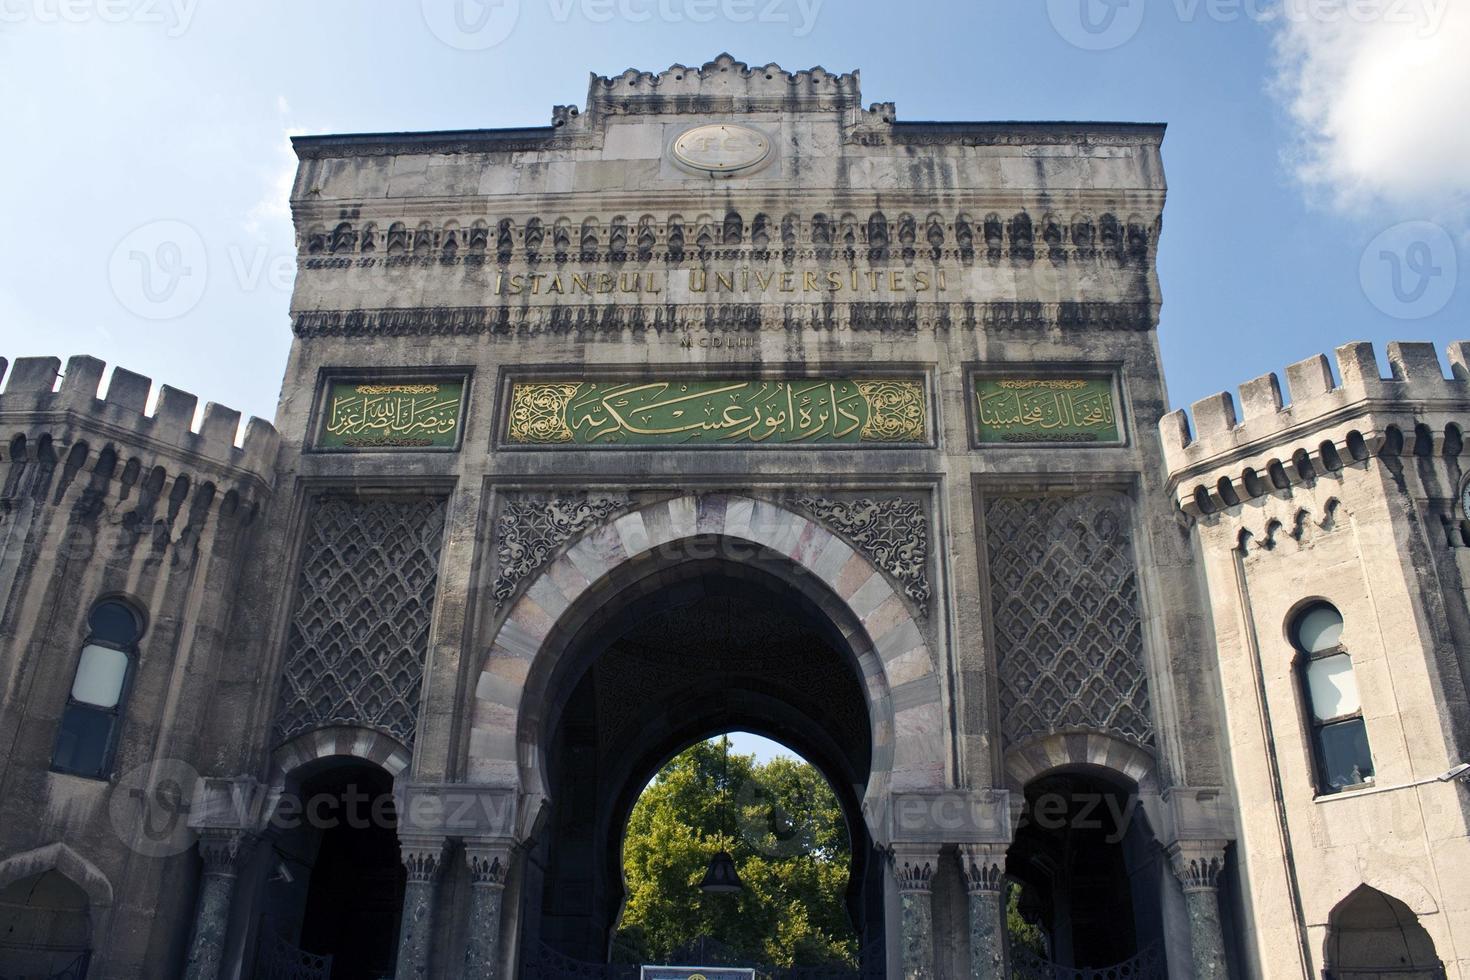 ingresso principale all'unanimità di Istanbul foto